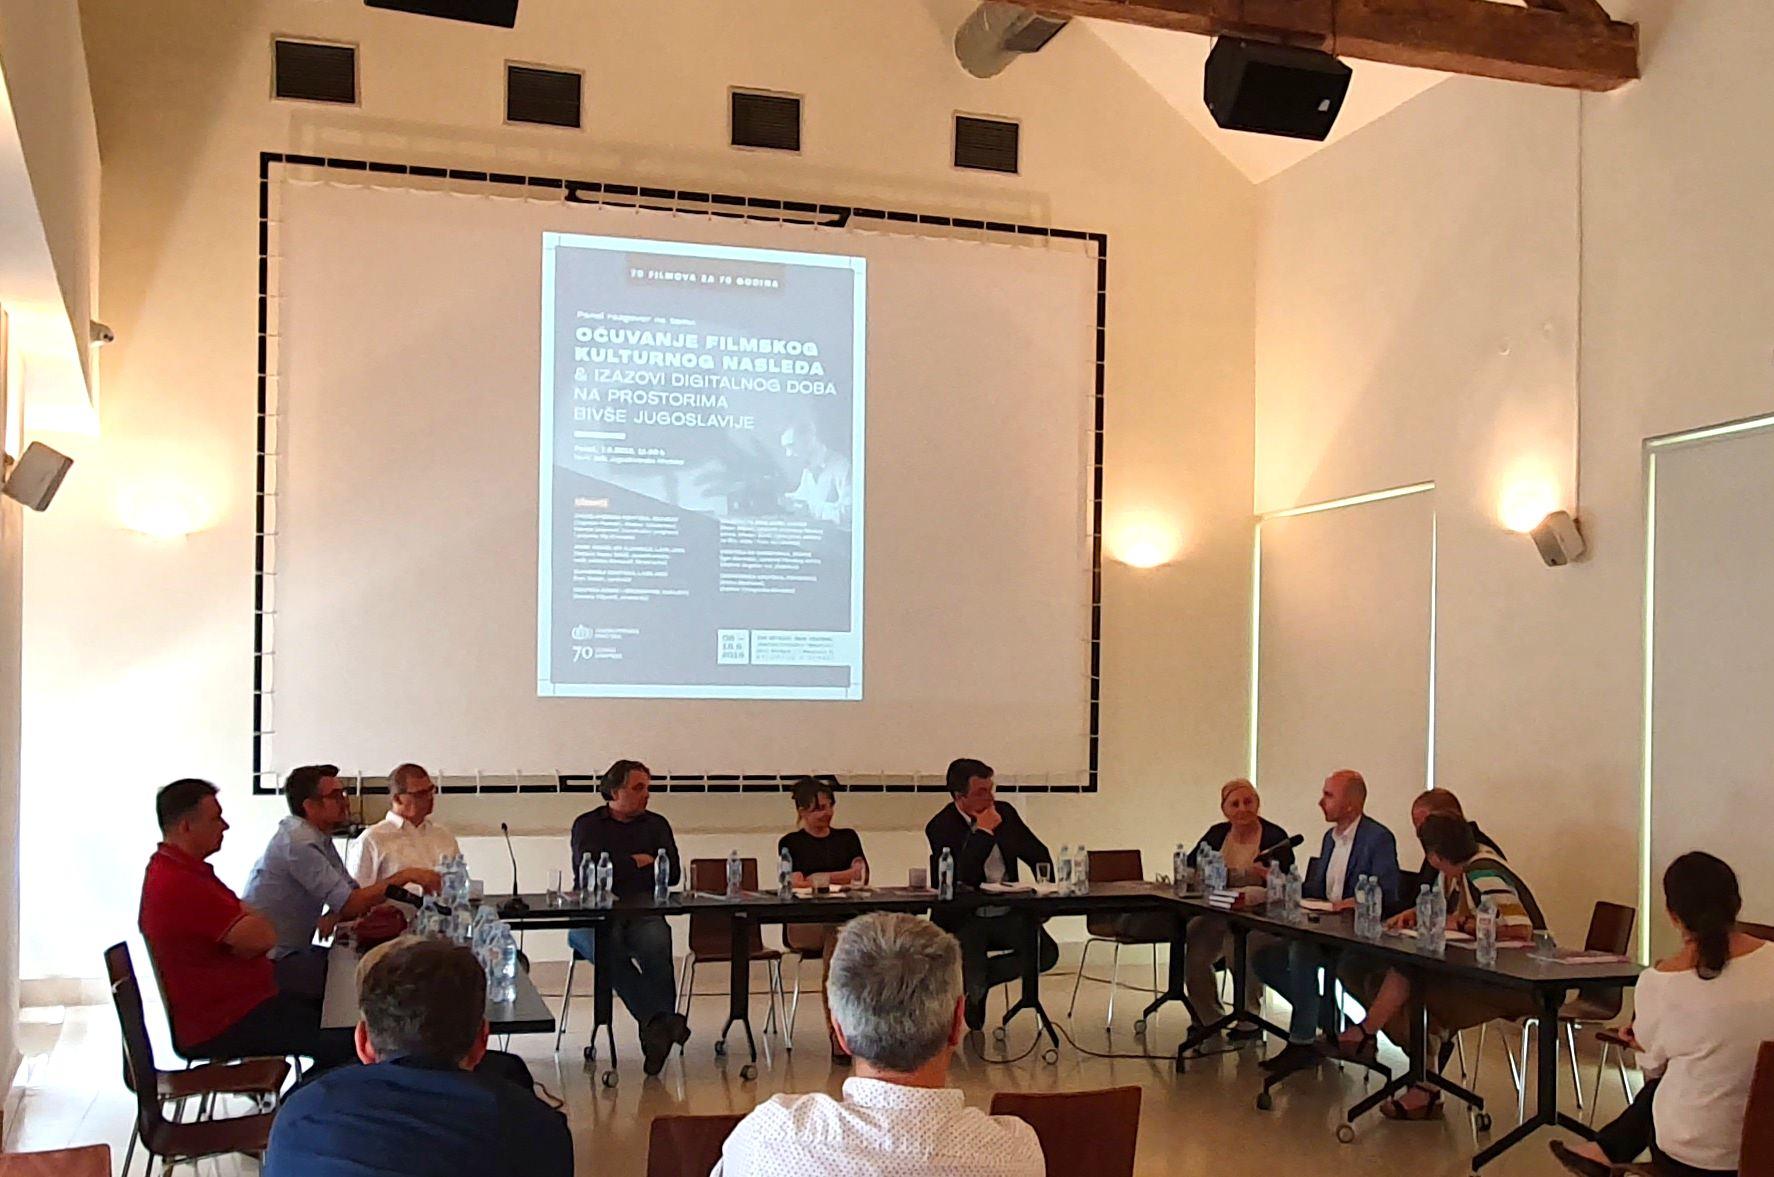 Panel-Kinoteka-2019-Ocuvanje filmskog kulturnog nasledja i izazovi digitalnog doba na prostorima bivse Jugoslavije